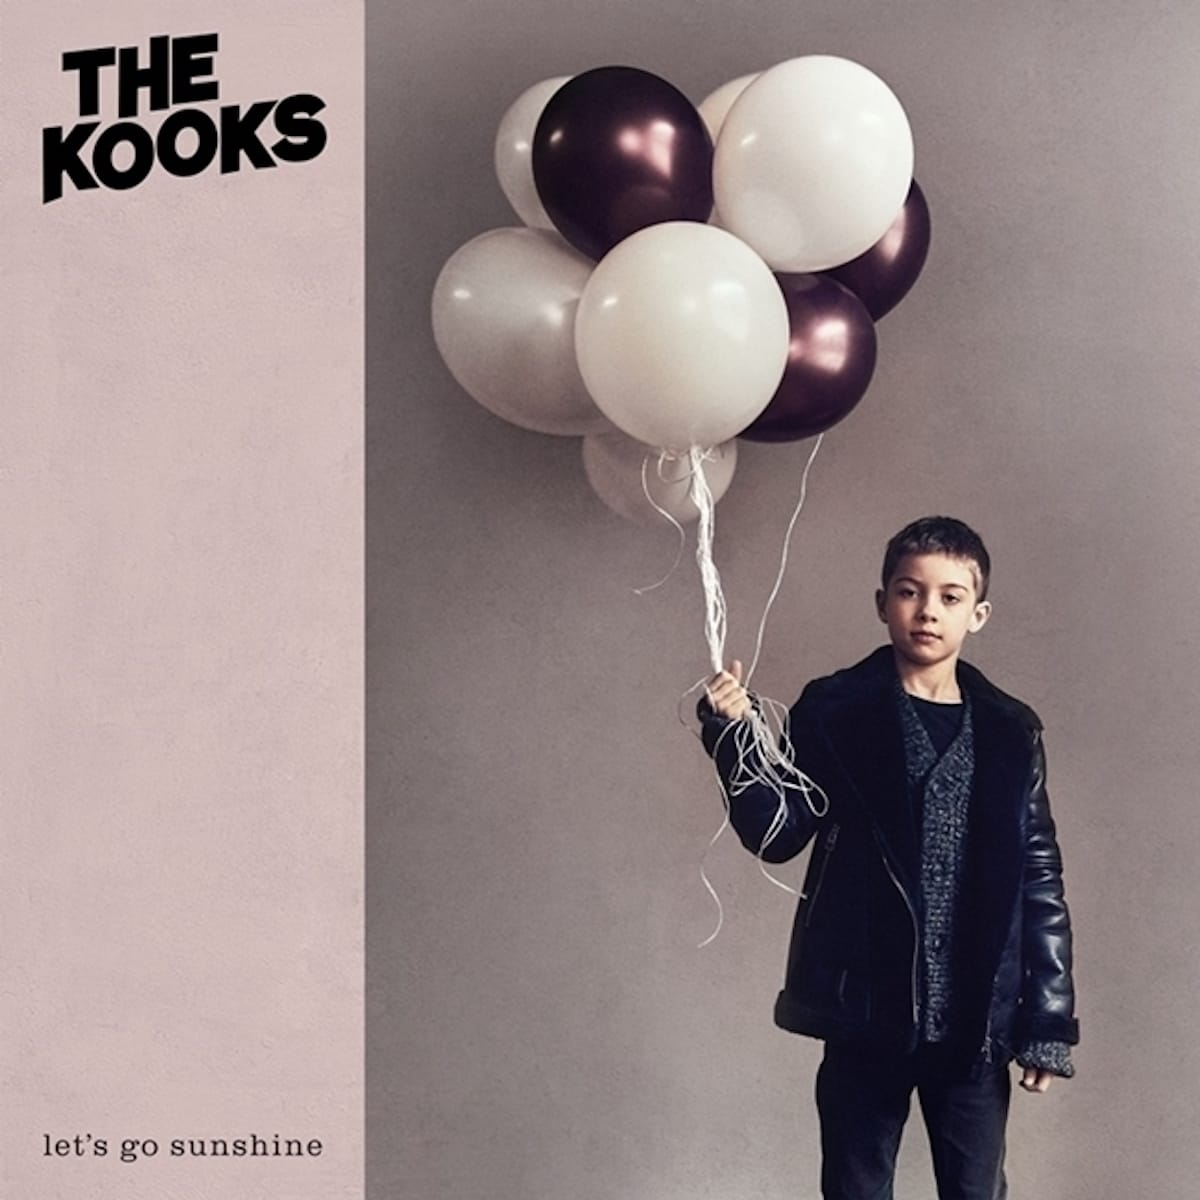 ザ・クークス、4年ぶり新作が8月に発売決定!アークティック・モンキーズに続く! music180517_thekooks_1-1200x1200